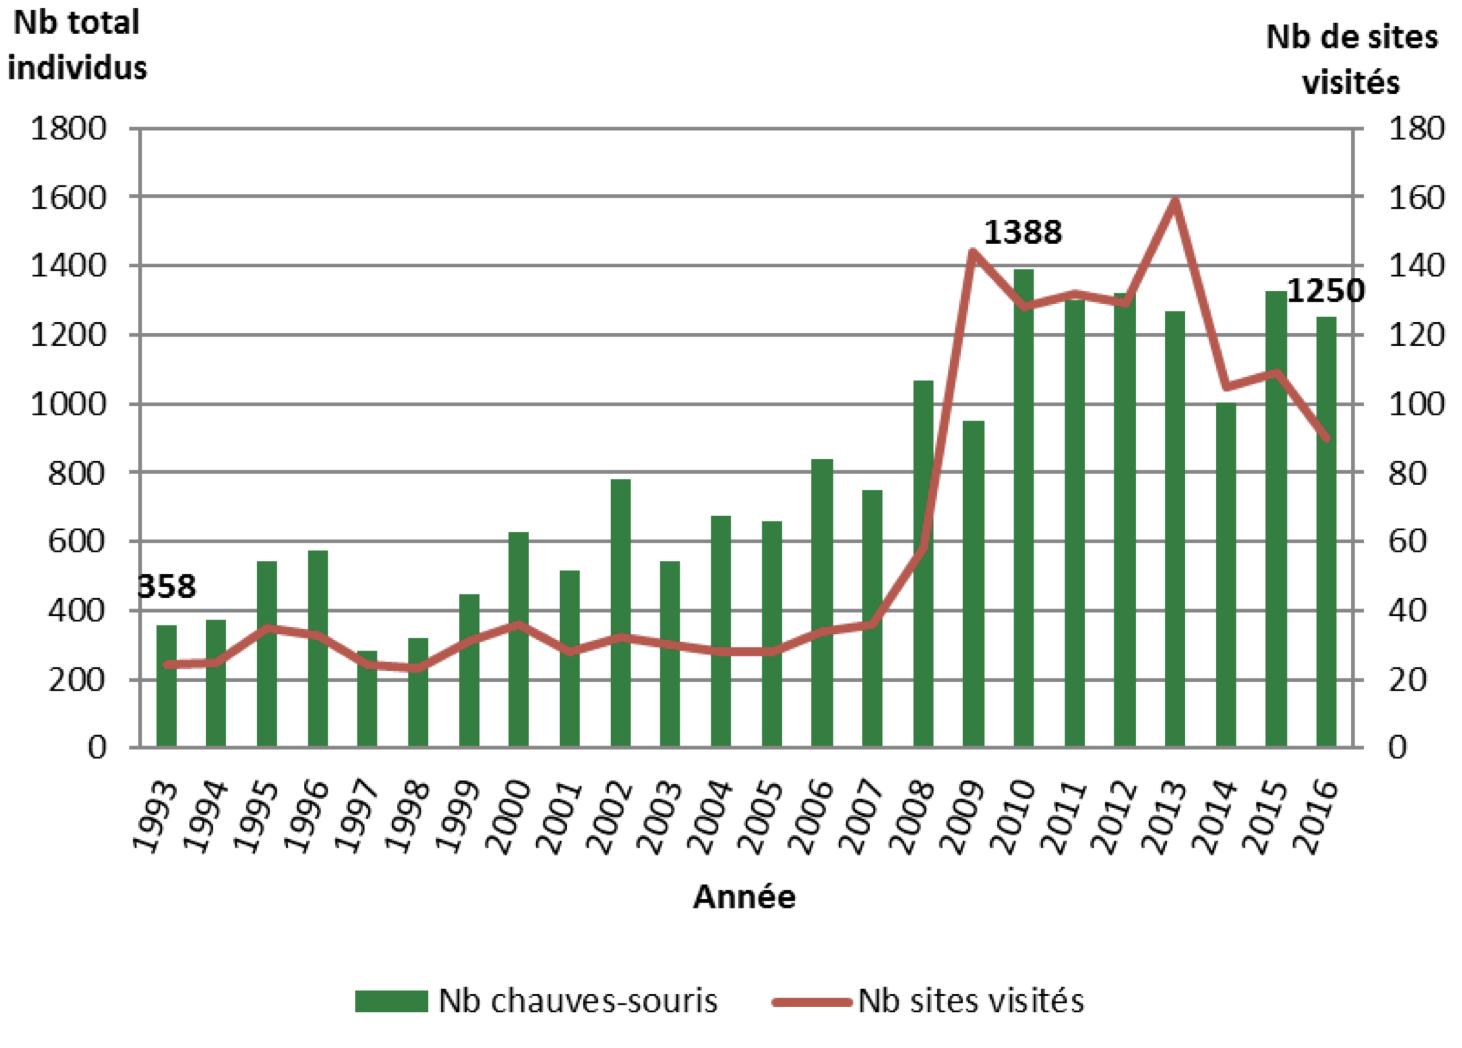 Évolution des effectifs totaux hivernants, dénombrés sur l'ensemble du Parc et du nombre de sites visités, de 1993 à 2016 (source: CMNF, 2017)